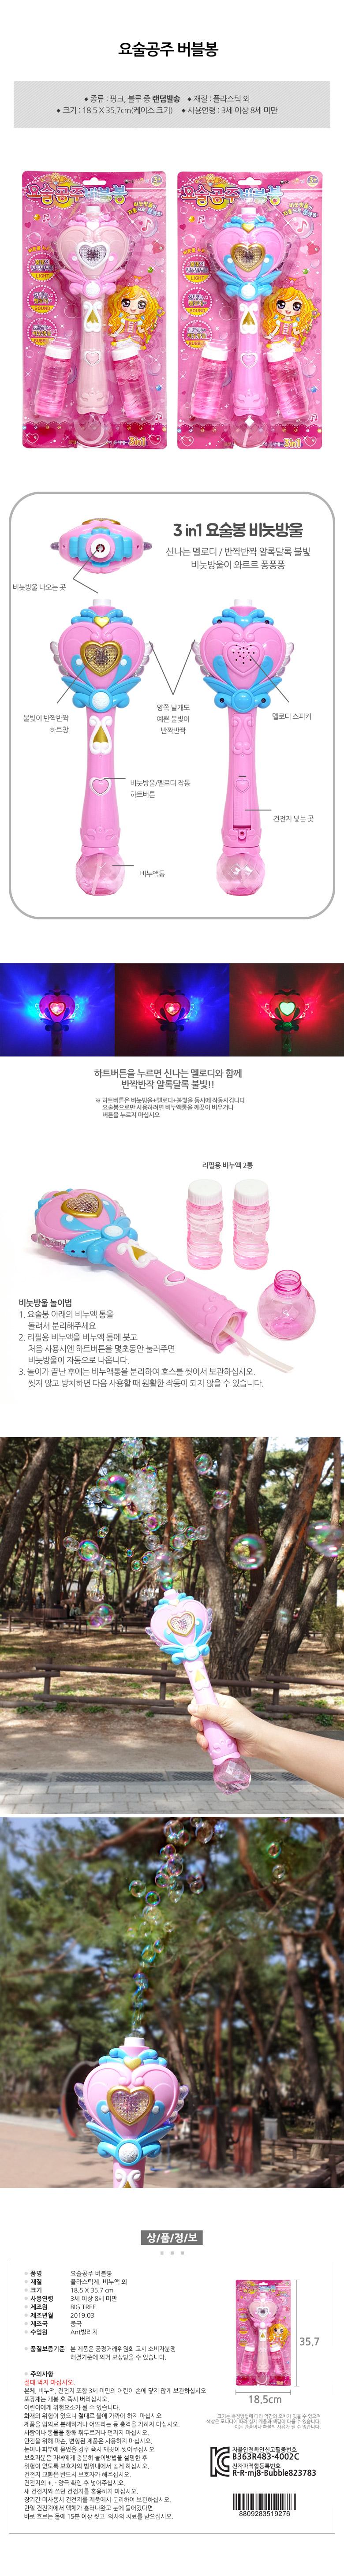 요술공주 요술봉 자동버블건 (랜덤) - 우토, 11,400원, 장난감, 장난감